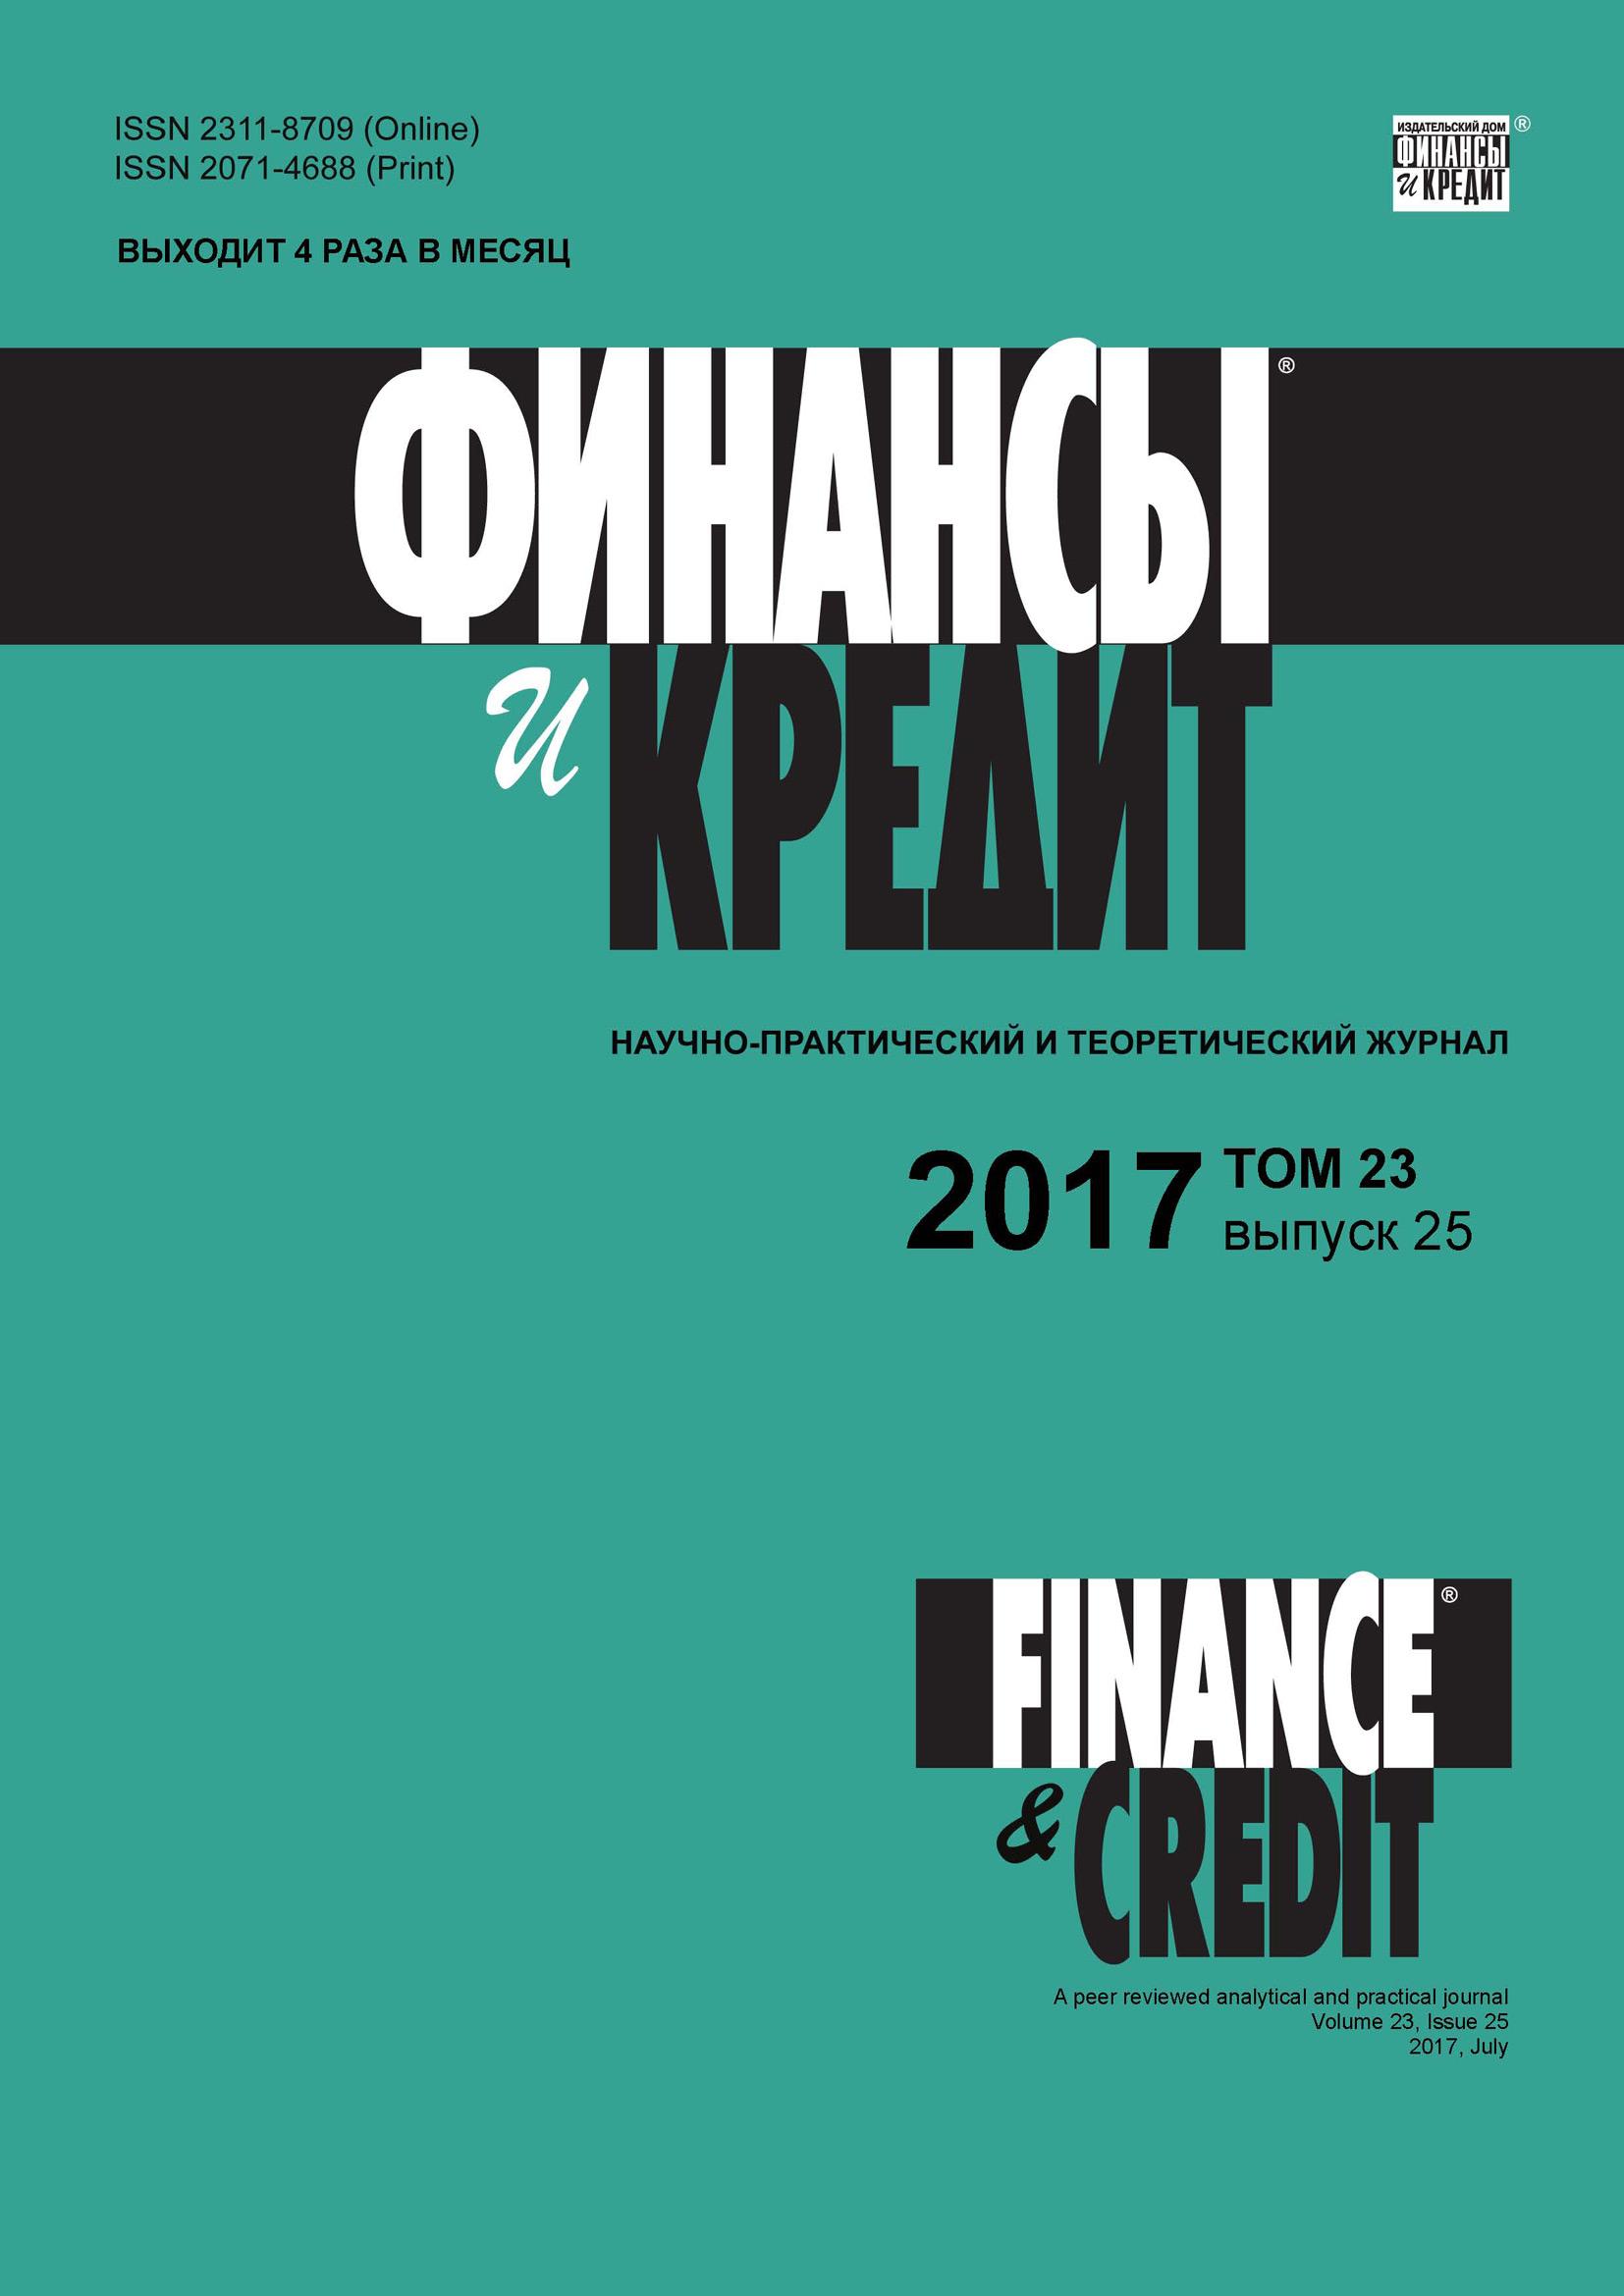 Финансы и Кредит № 25 2017